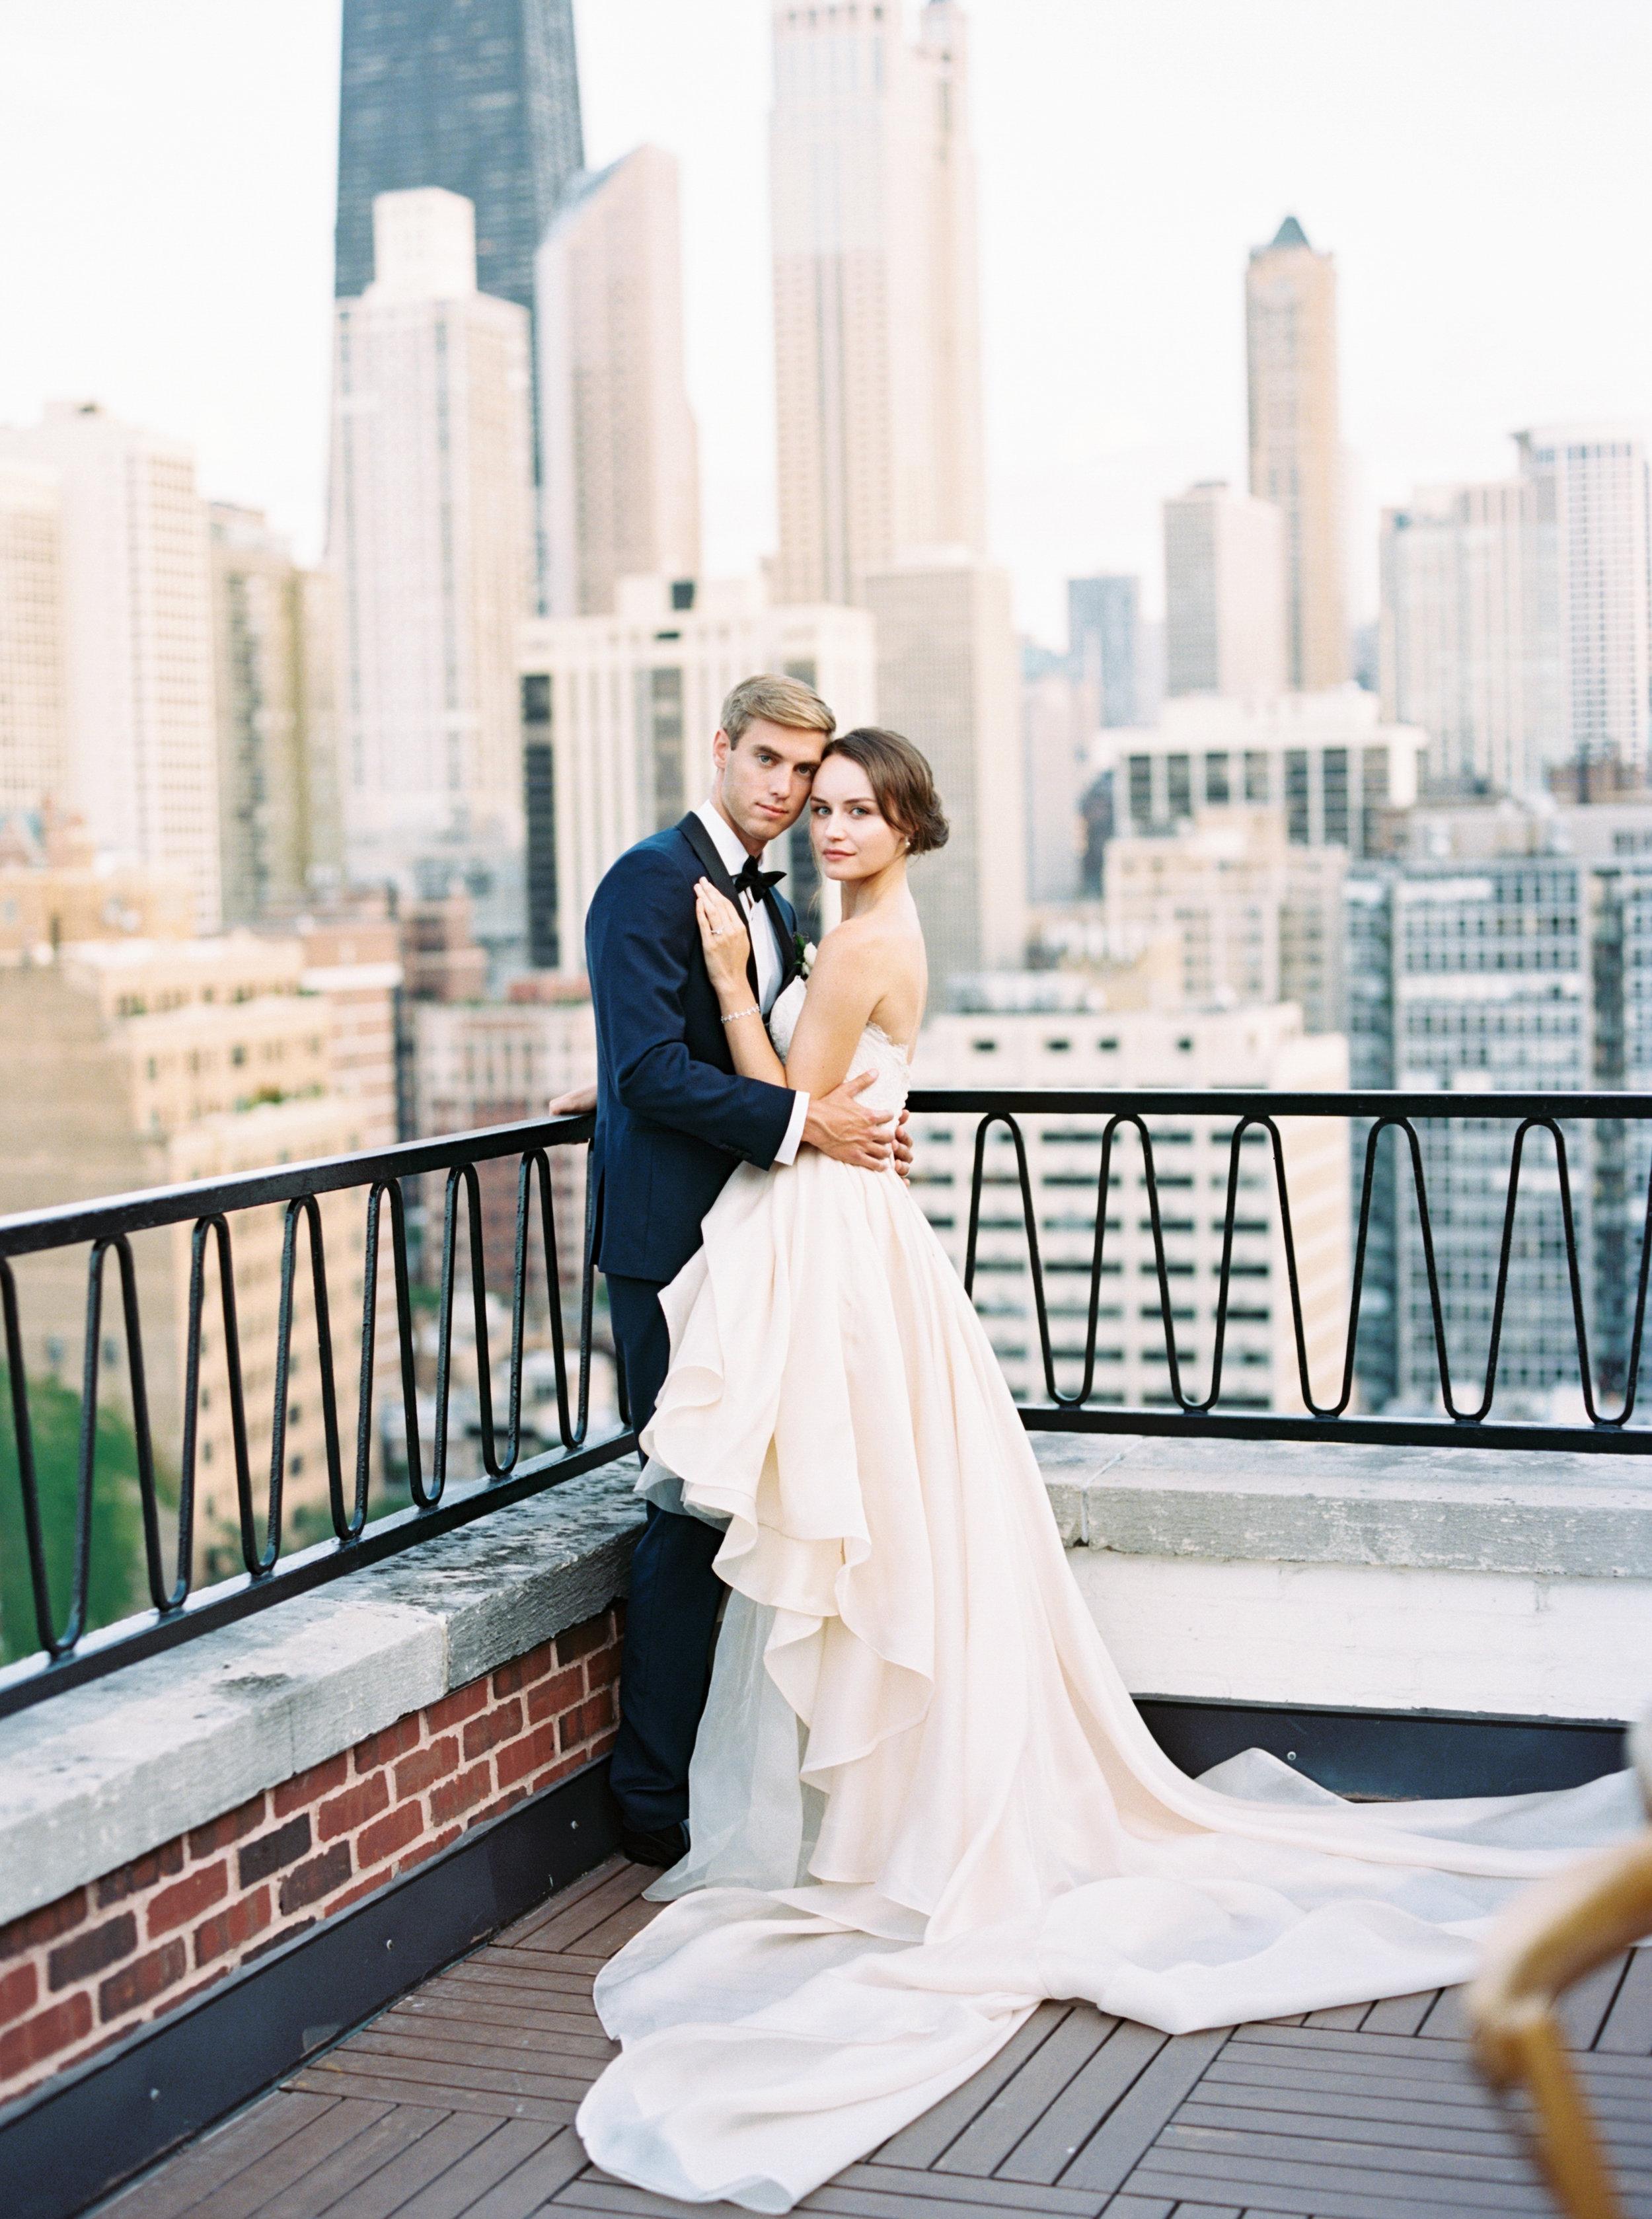 JennaMariePhotography_AmbassadorChicago_StyledShoot_August82017_204.jpg